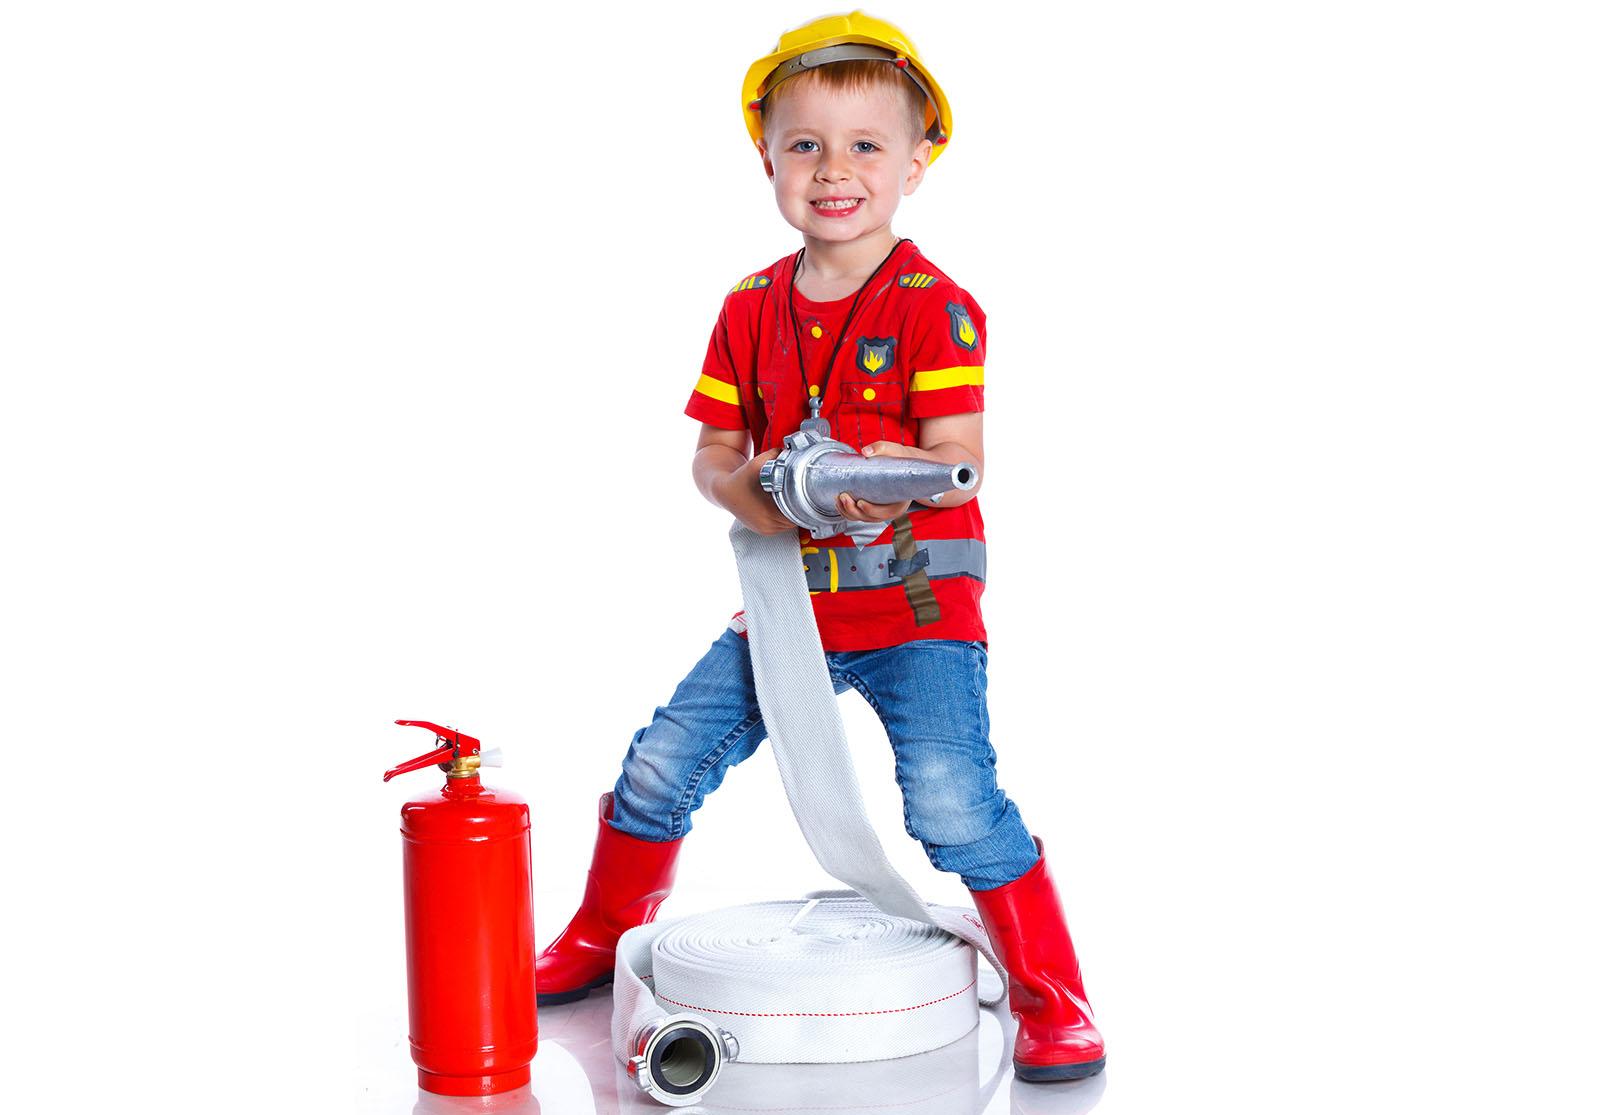 Les pompiers sont les héros des enfants, qui aiment endosser leur costume, […]